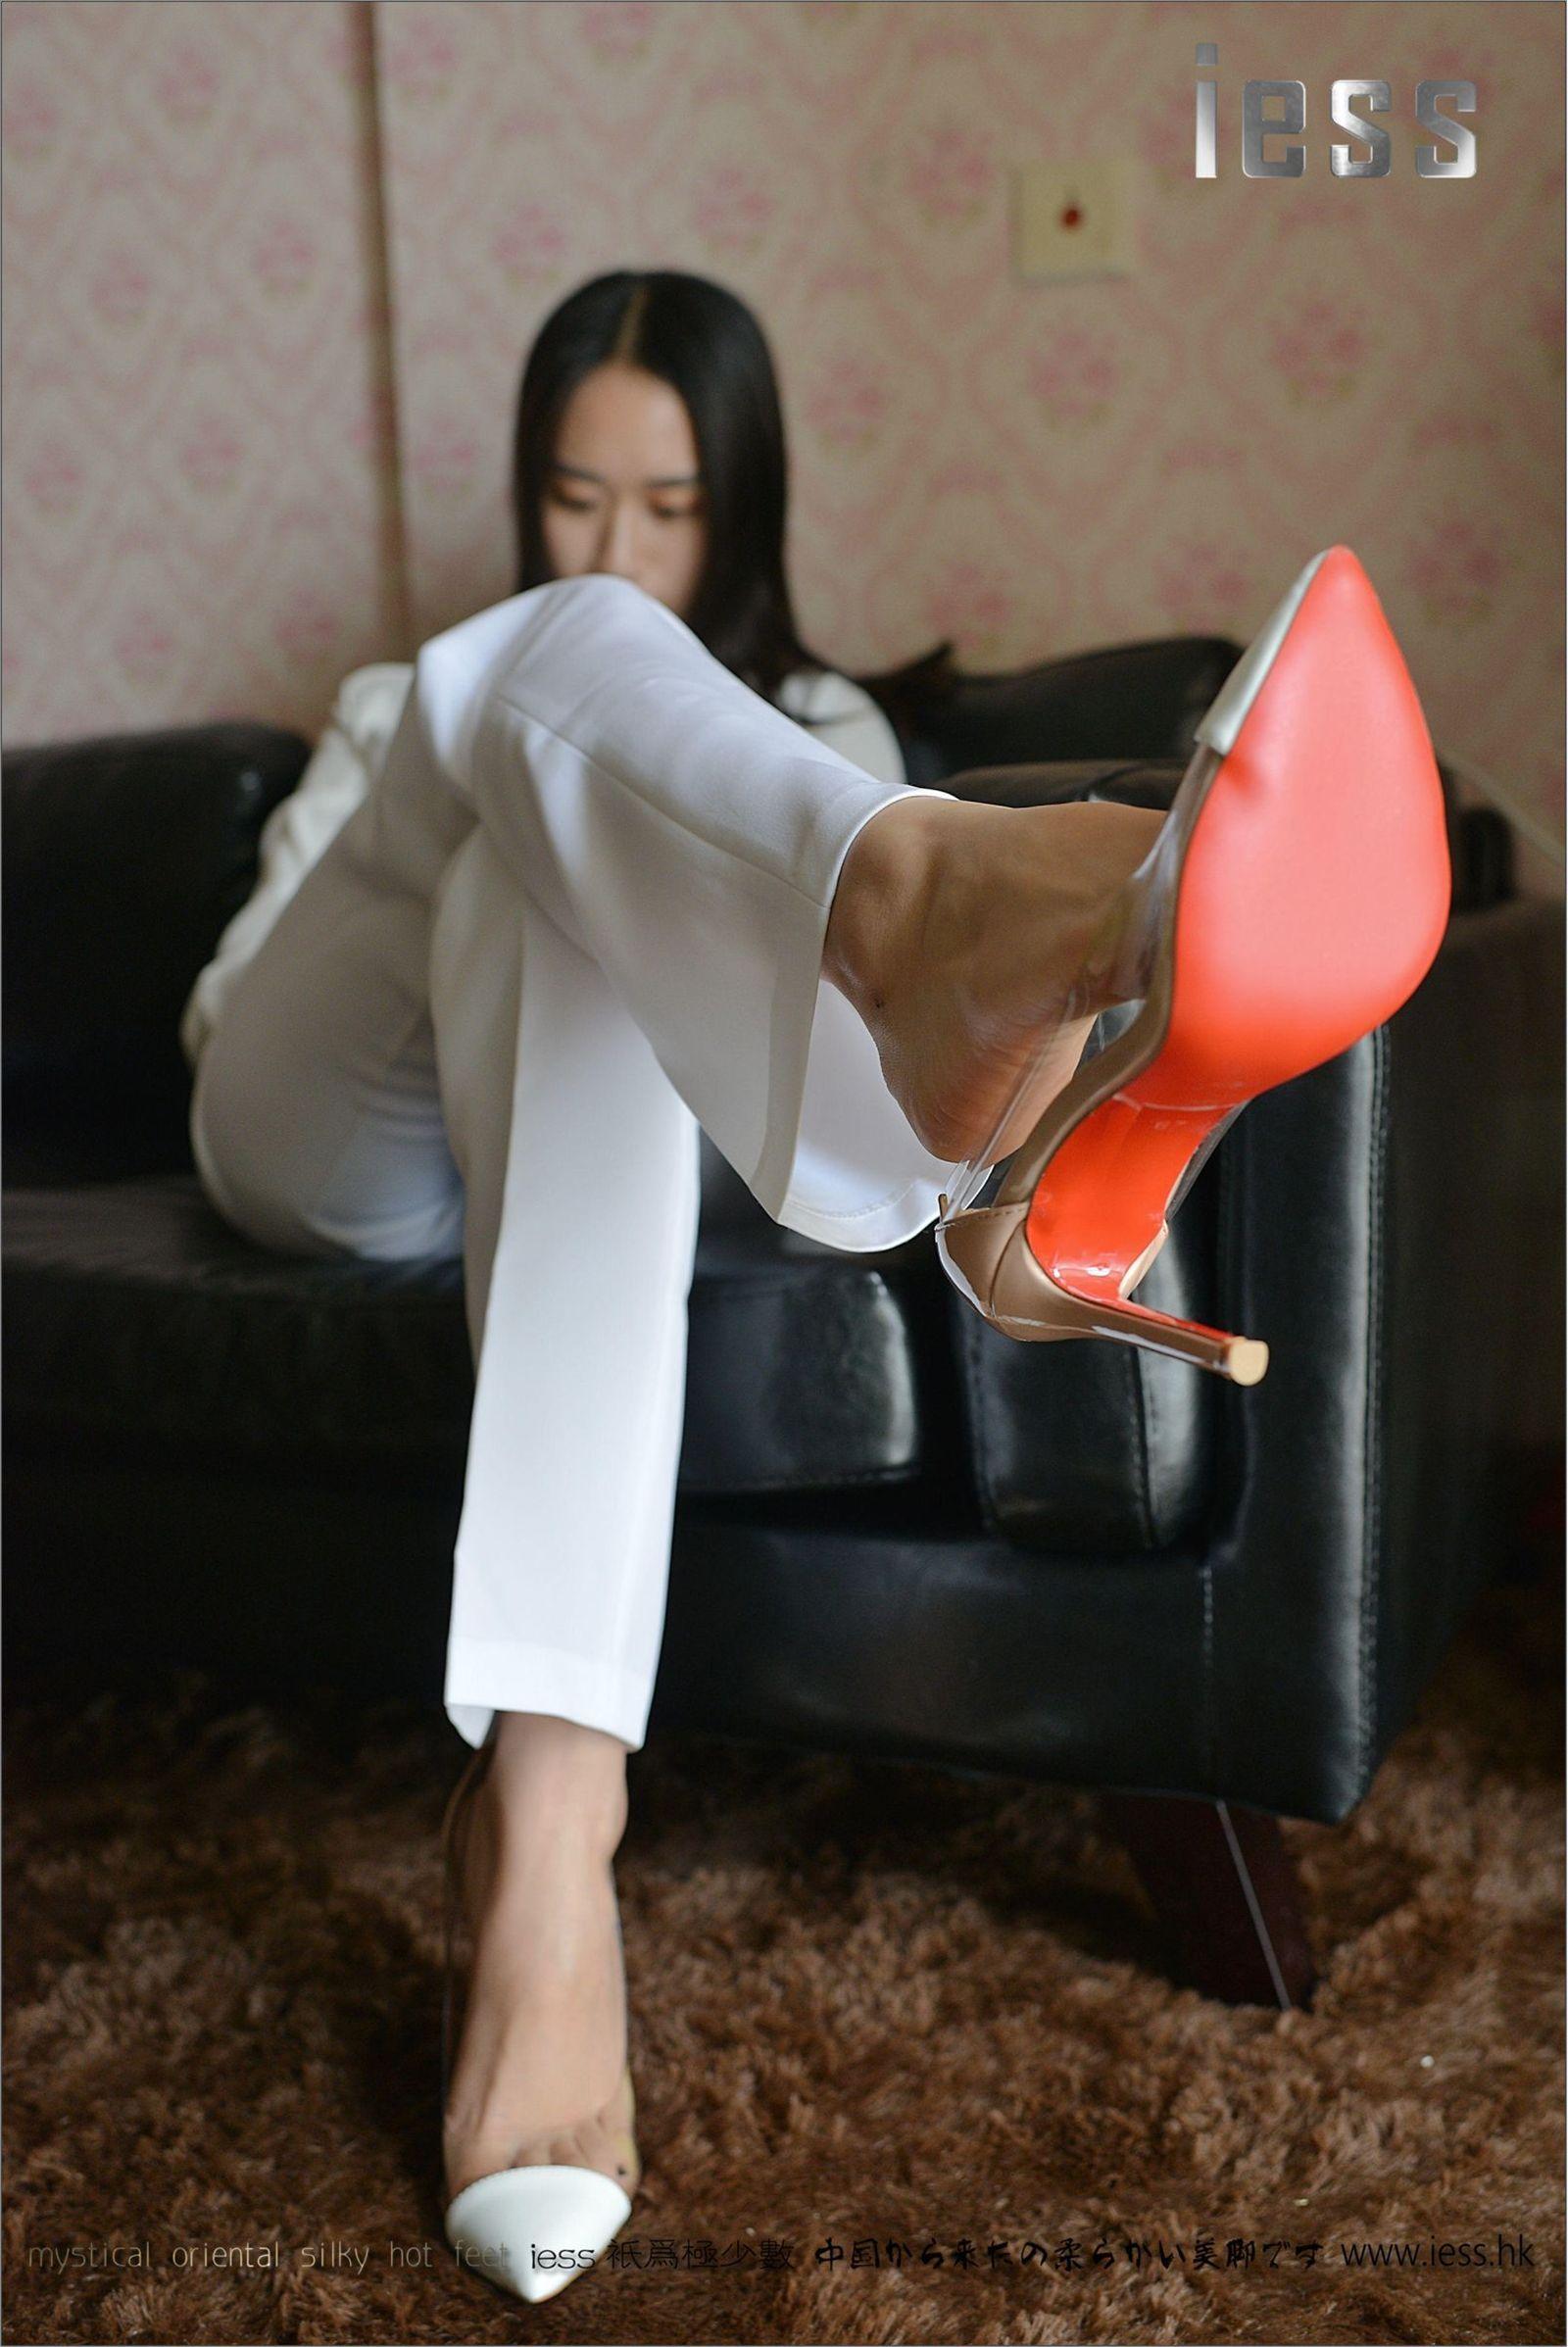 [异思趣向] 悬念 【典藏】裸足高跟鞋[99P] 异思趣向 第1张